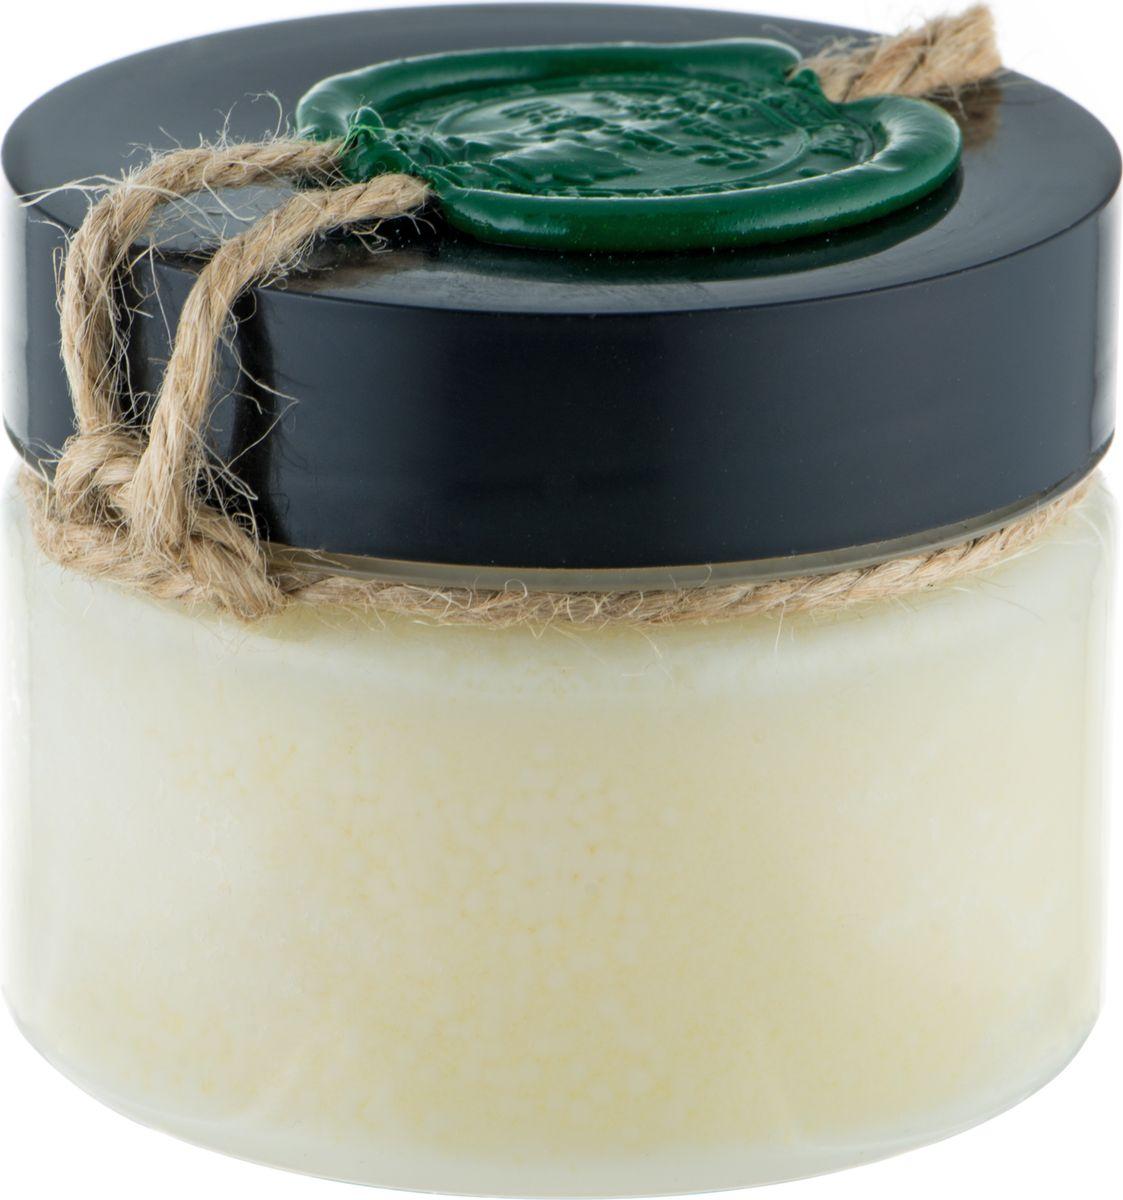 Huilargan Бабассу масло 100 грБ33041Масло бабассу – настоящая находка для всех, кто страдает отизлишней сухости кожи, волос и губ.Рекомендуем масло бабассу для ухода за изможденной,шелушащейся кожей, страдающей недостаточным увлажнением.Кроме того, оно помогает заметно омолодить кожу, тронутуюпервыми признаками старения, которая уже начала терять своюэластичность и упругость. Масло бабассу превосходноразглаживает кожу, практически уничтожая морщины. Онопридает коже сияющий, здоровый вид и естественный блескМасло бабассу является прекрасным эмолентом и хорошораспределяется по коже, быстро впитывается и не оставляетжирного блеска и ощущения жирности. При нанесении на кожупридает последней мягкость и шелковистость, успокаивает изащищает, предотвращает обезвоживание кожи, делает еёэластичной. Смягчает, защищает волосы, улучшает структуруповрежденных волос.Благодаря токотриенолам обладает антиоксидантным иантивозрастным действием.Масло бабассу содержит высокую долю лауриновой кислоты,которая обладает антимикробным действием.Подходит для всех типов кожи, в том числе чувствительной.Защитное и смягчающее действие благотворно сказывается наповрежденной, обезвоженной, грубой, шелушащейся коже